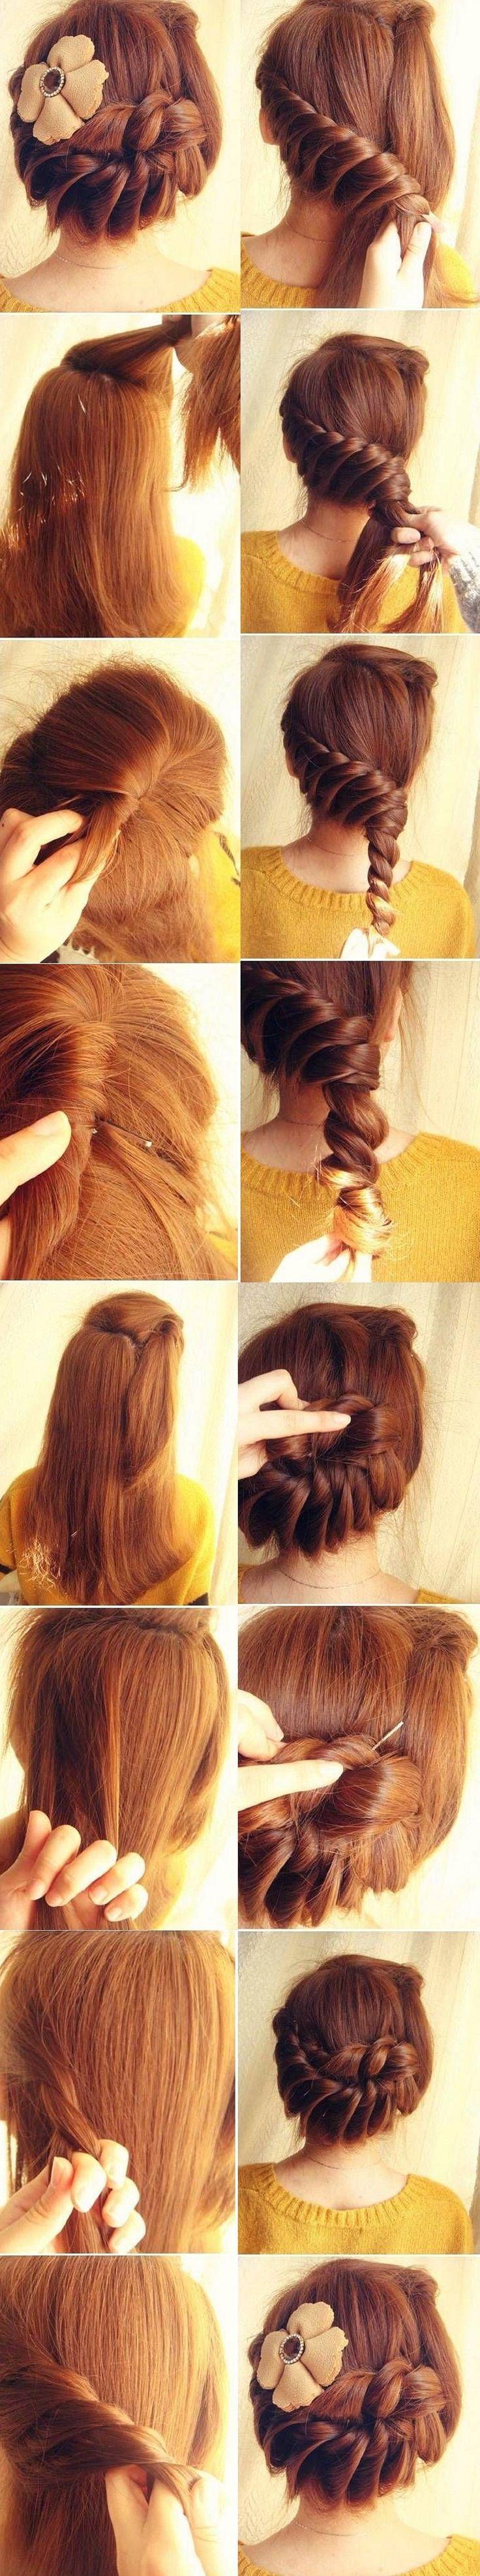 best estilo de pelo lago images on pinterest colourful hair